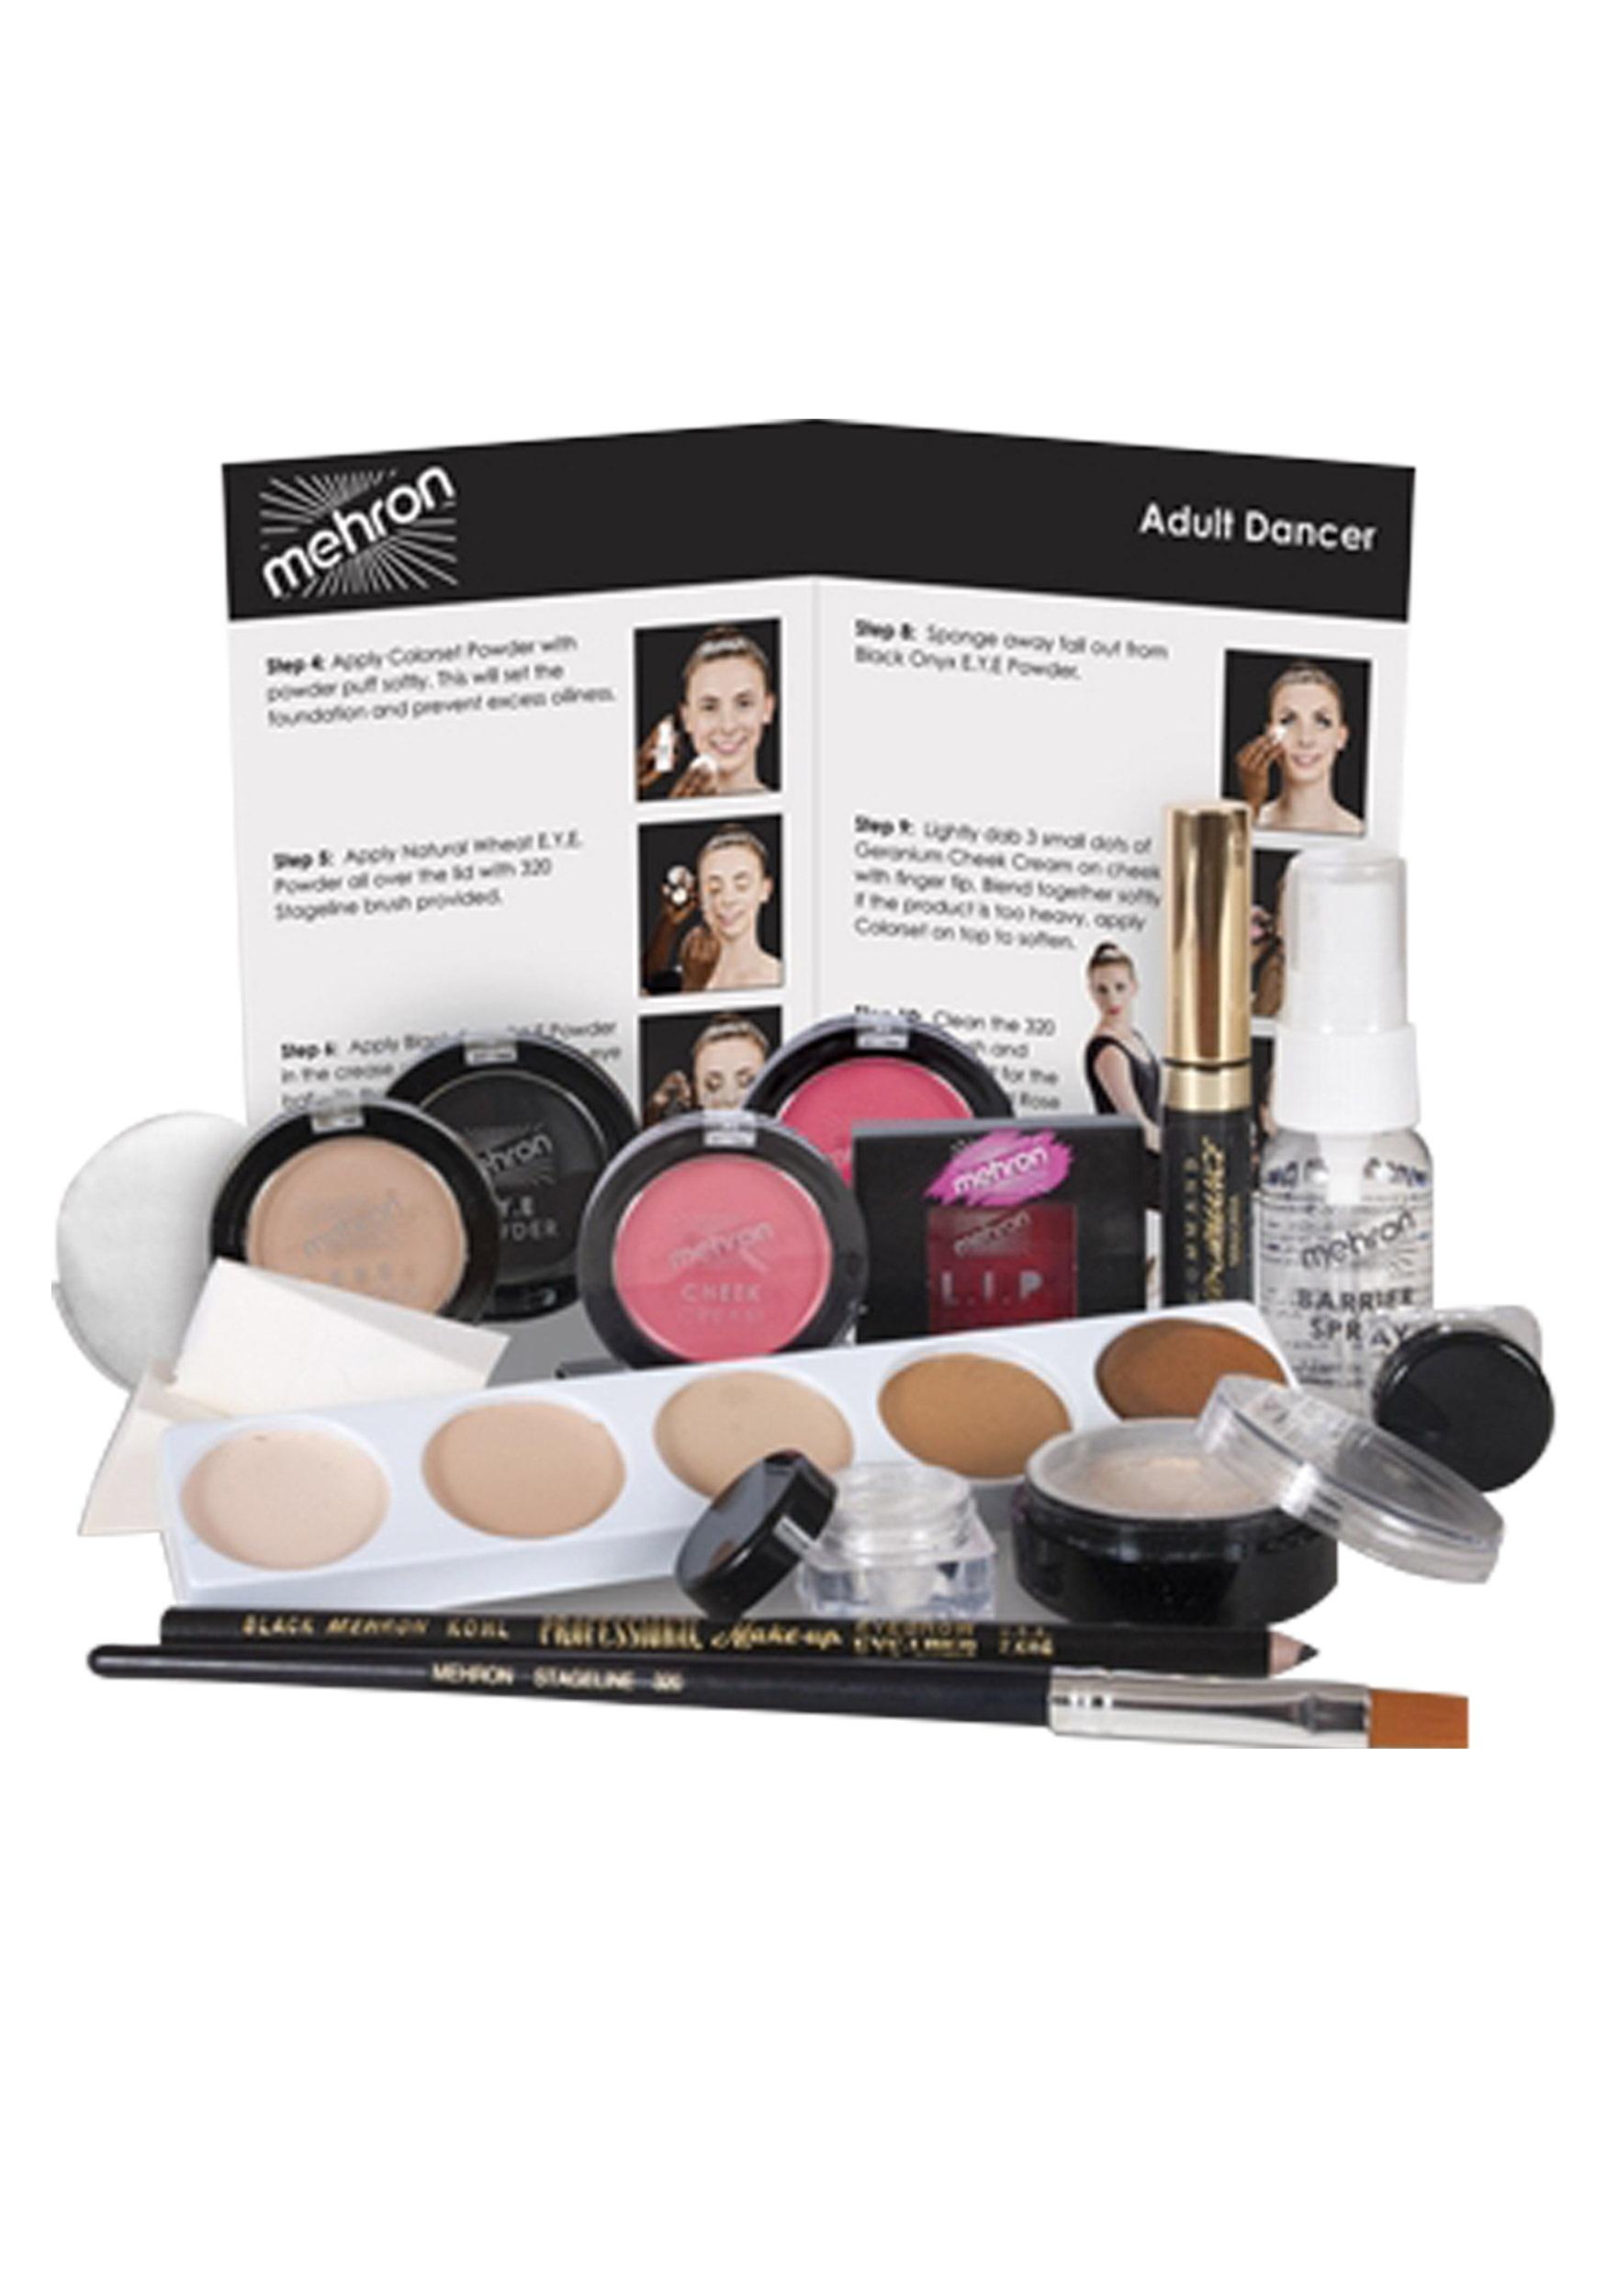 Makeup Kit: Mehron Dancers Makeup Kit